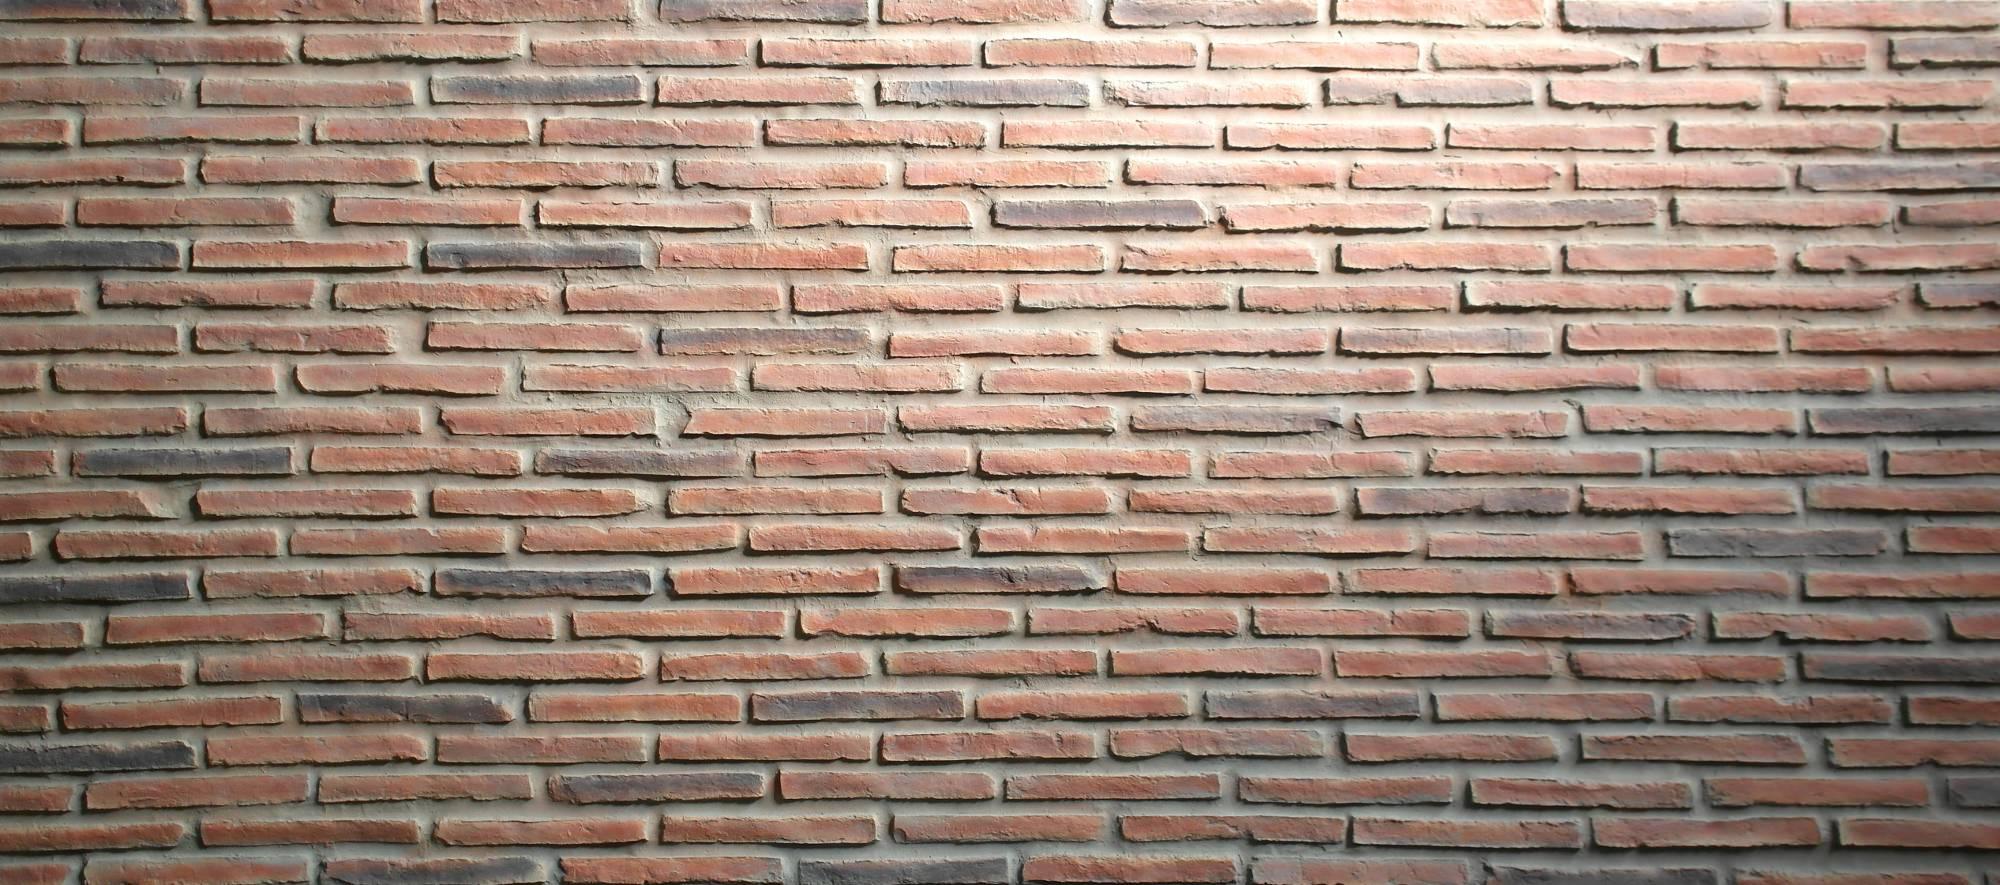 Old Brick Marfil Duvar Paneli